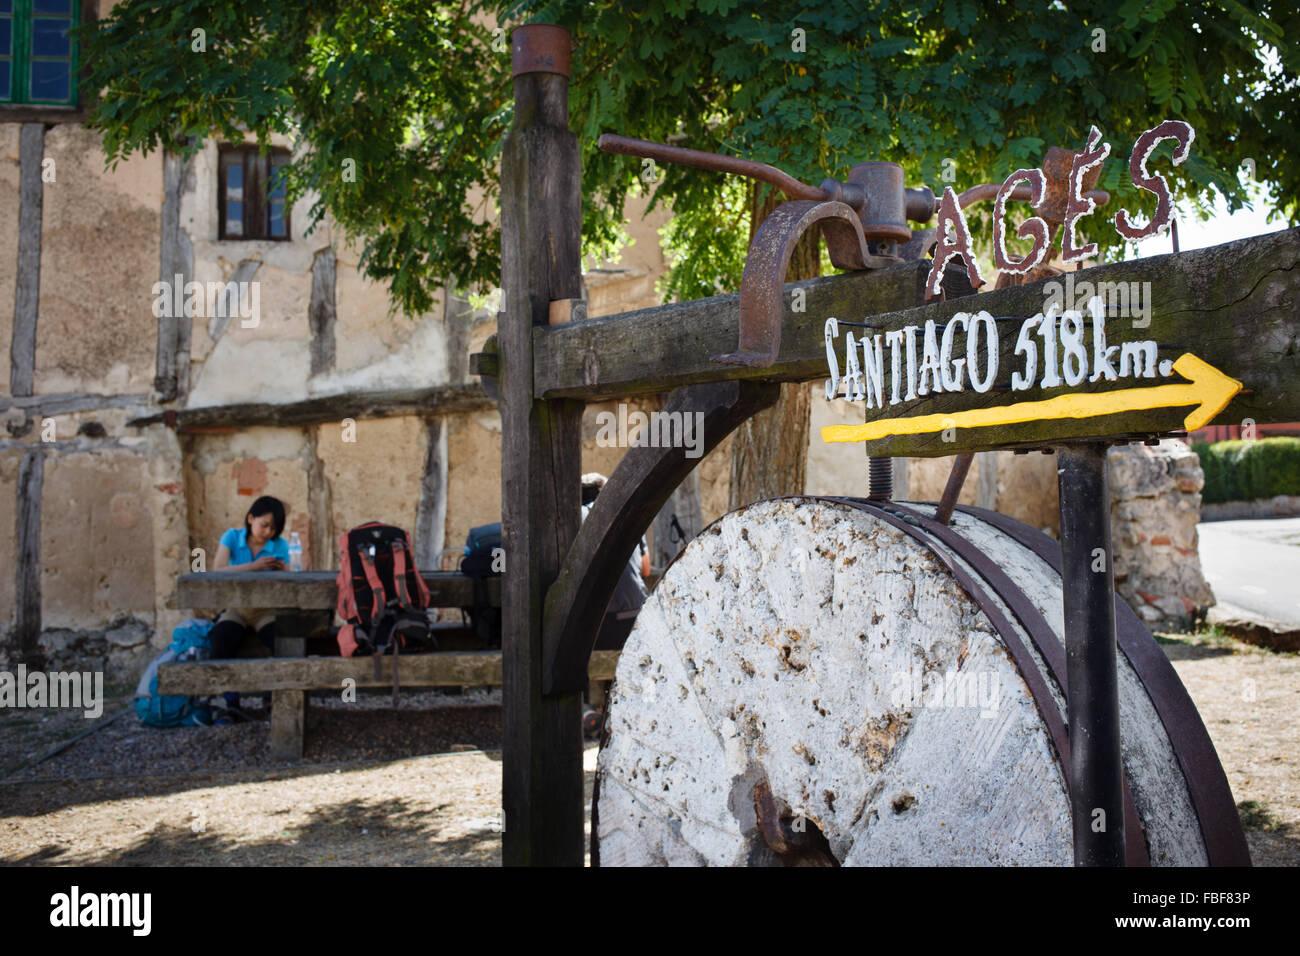 9/9/14 Pilgrim resting along Camino de Santiago in Agés, Burgos, Castilla y Leon, Spain - Stock Image